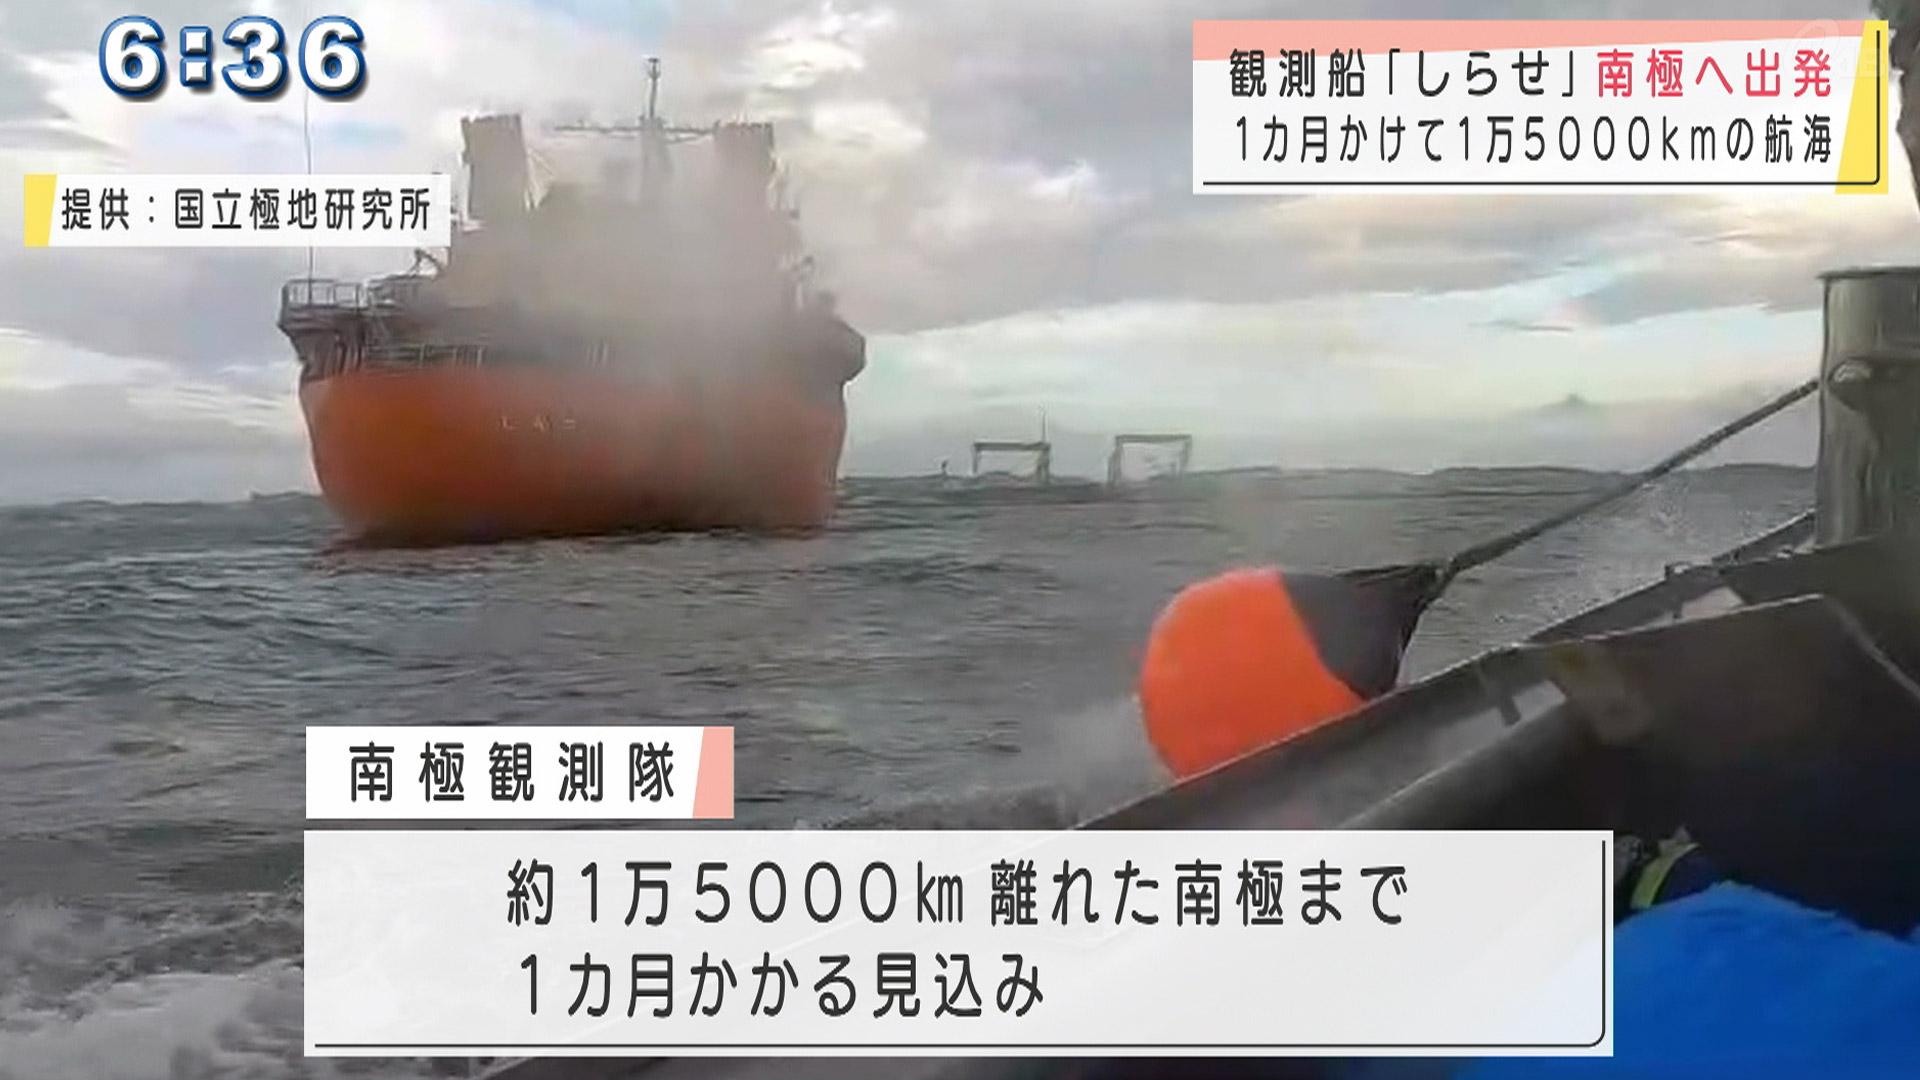 観測船「しらせ」1万5000km離れた南極へ出発